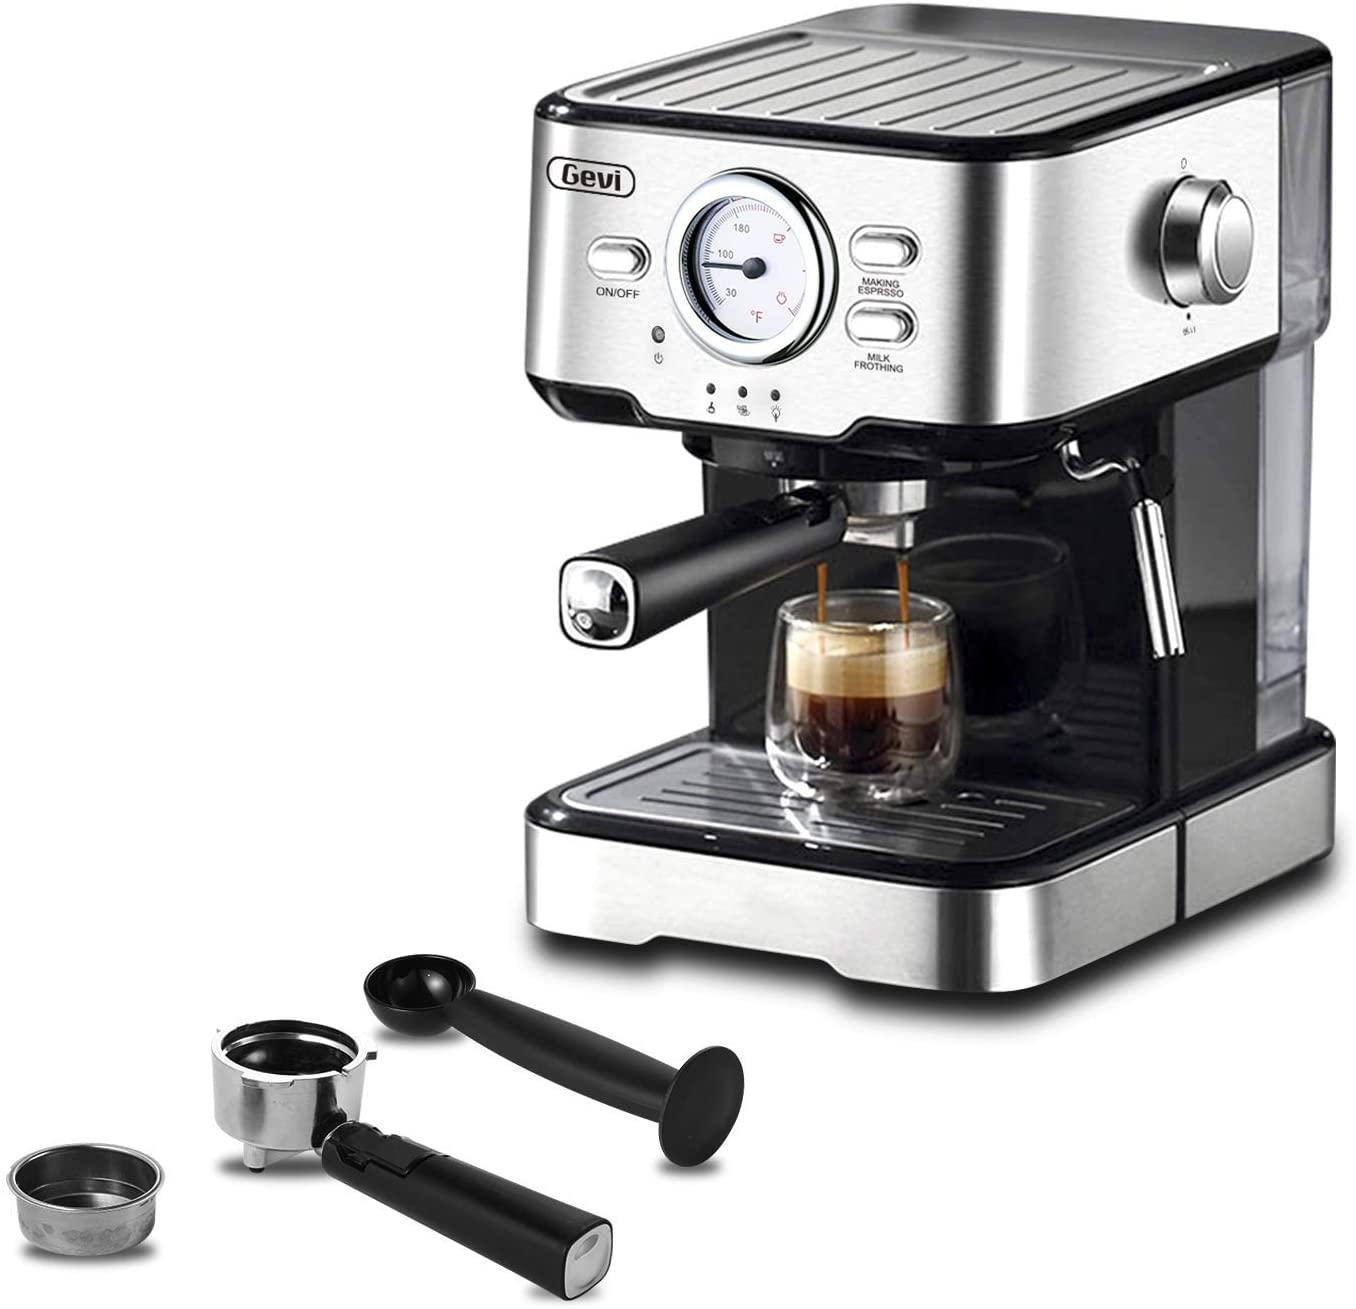 best espresso machine under 100 dollars